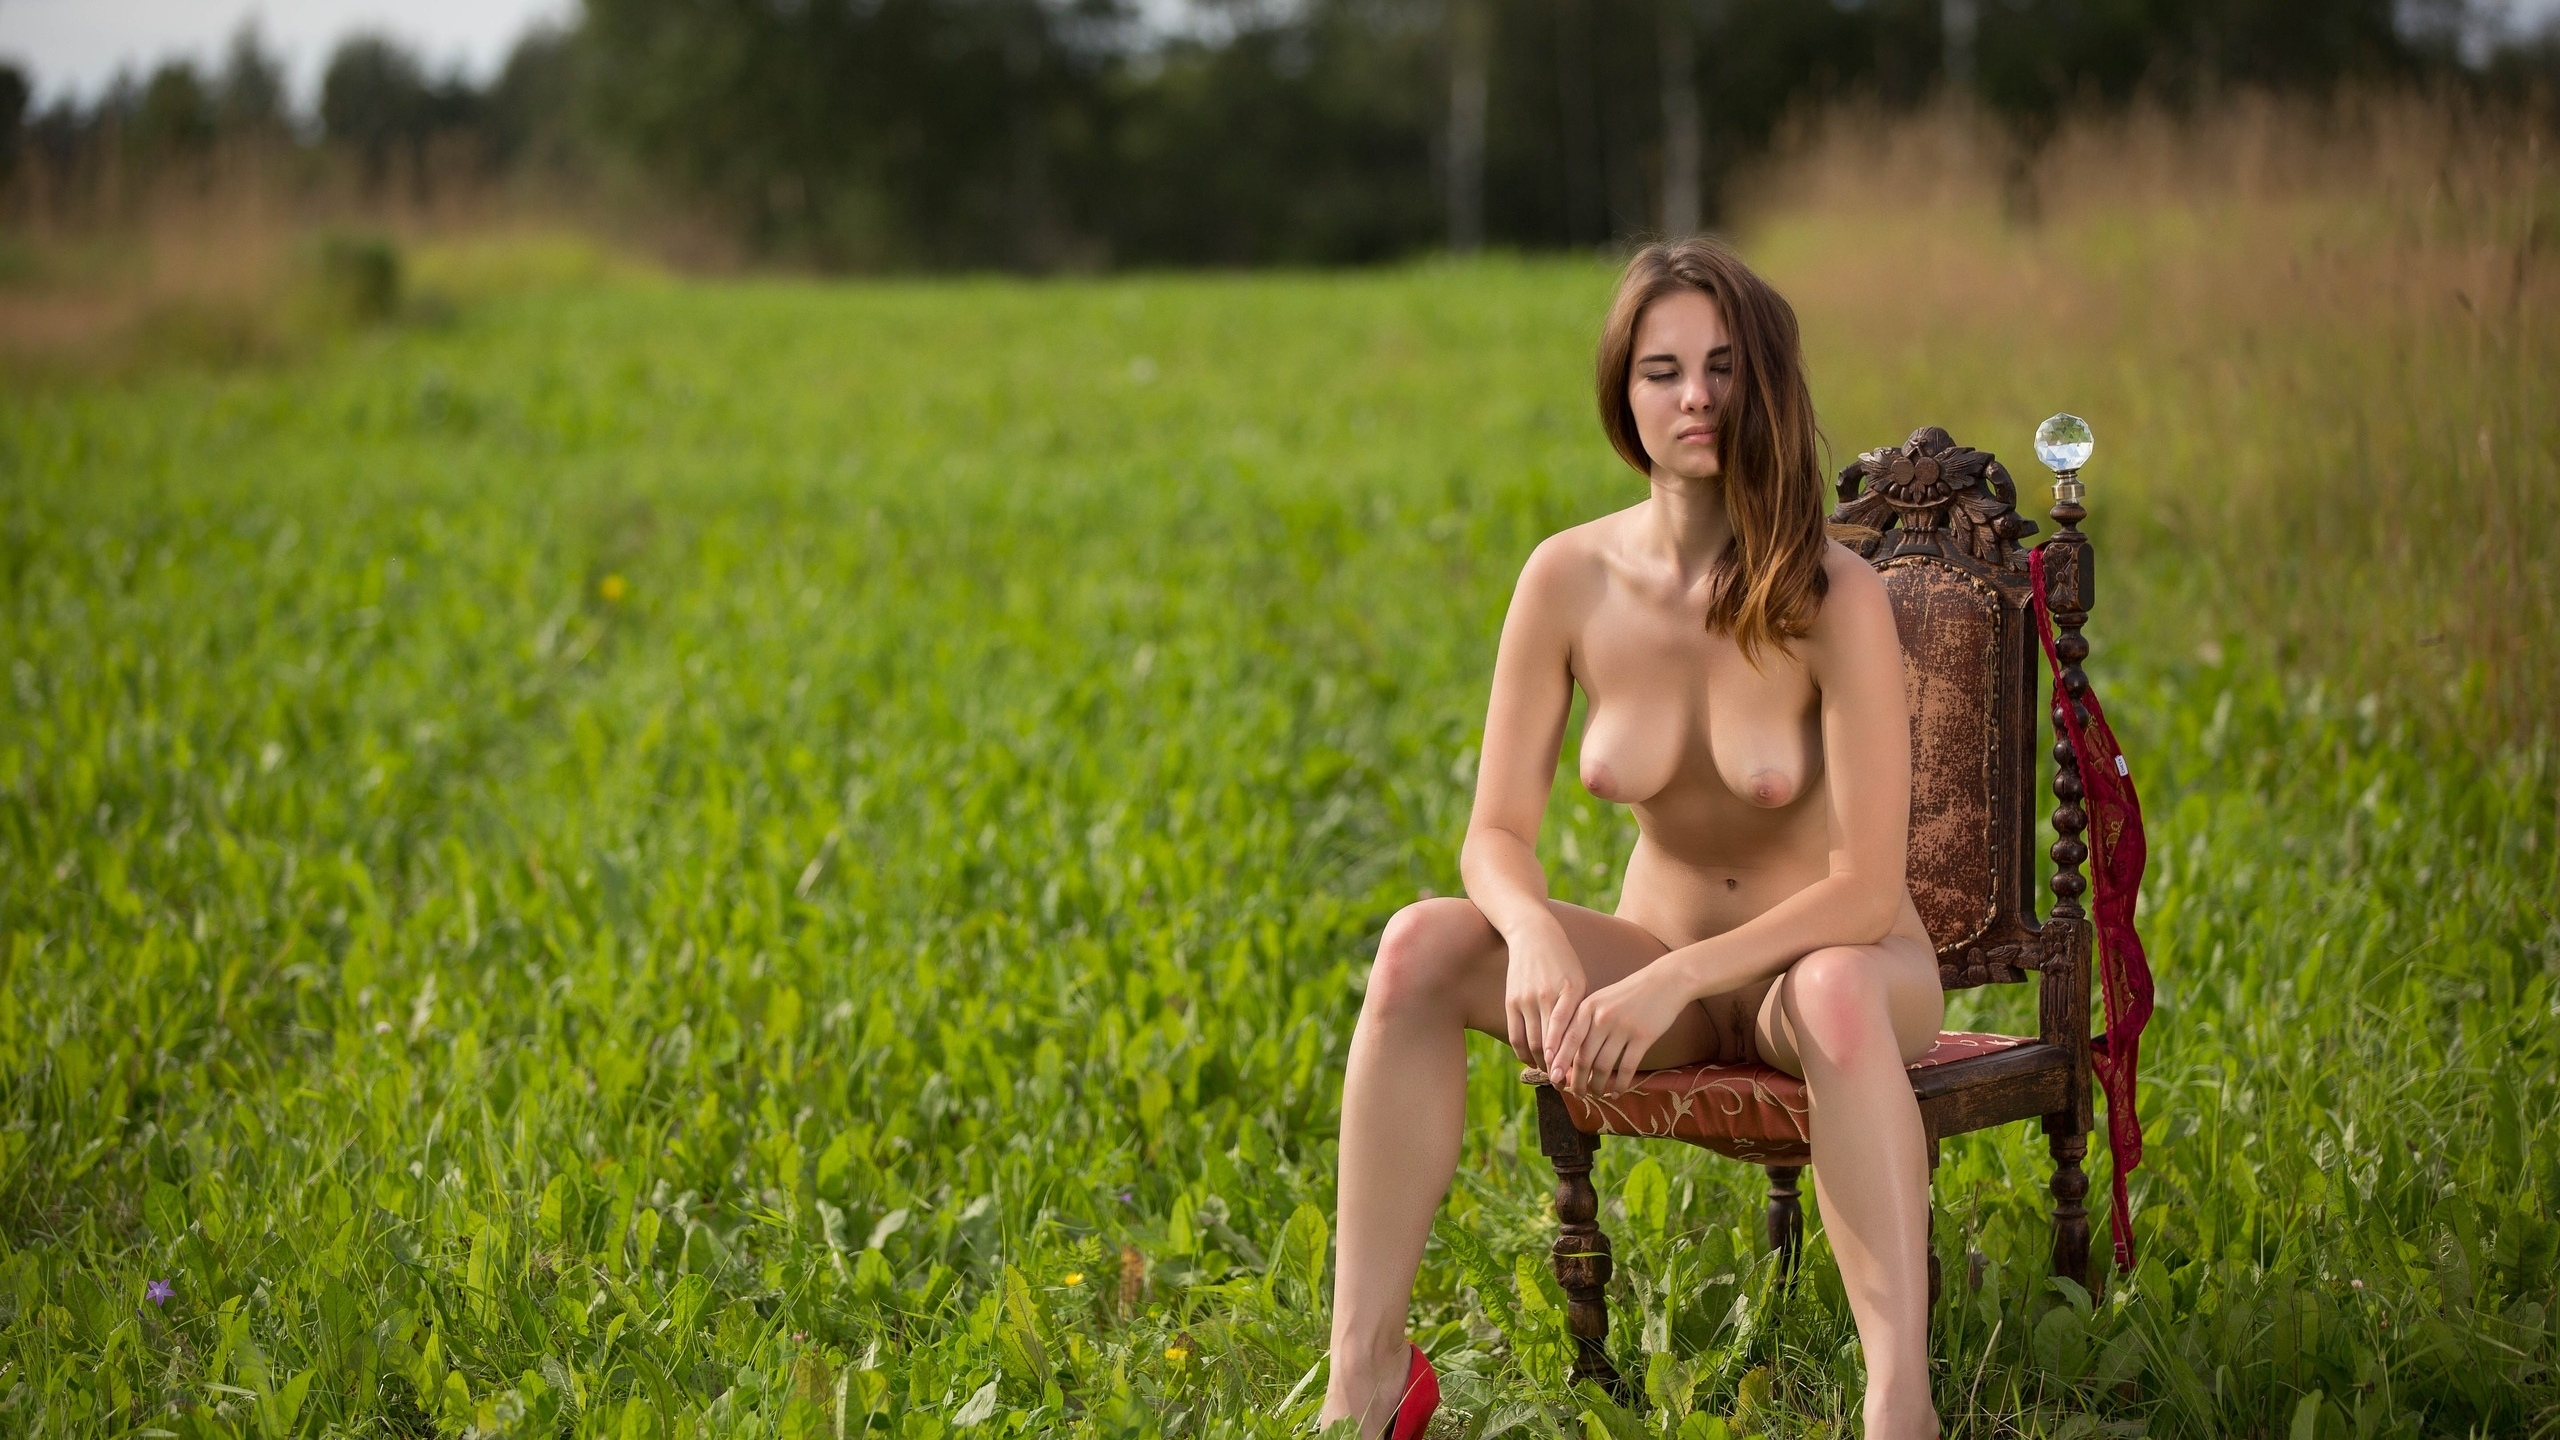 Голые русские девушки на природе фото — pic 10